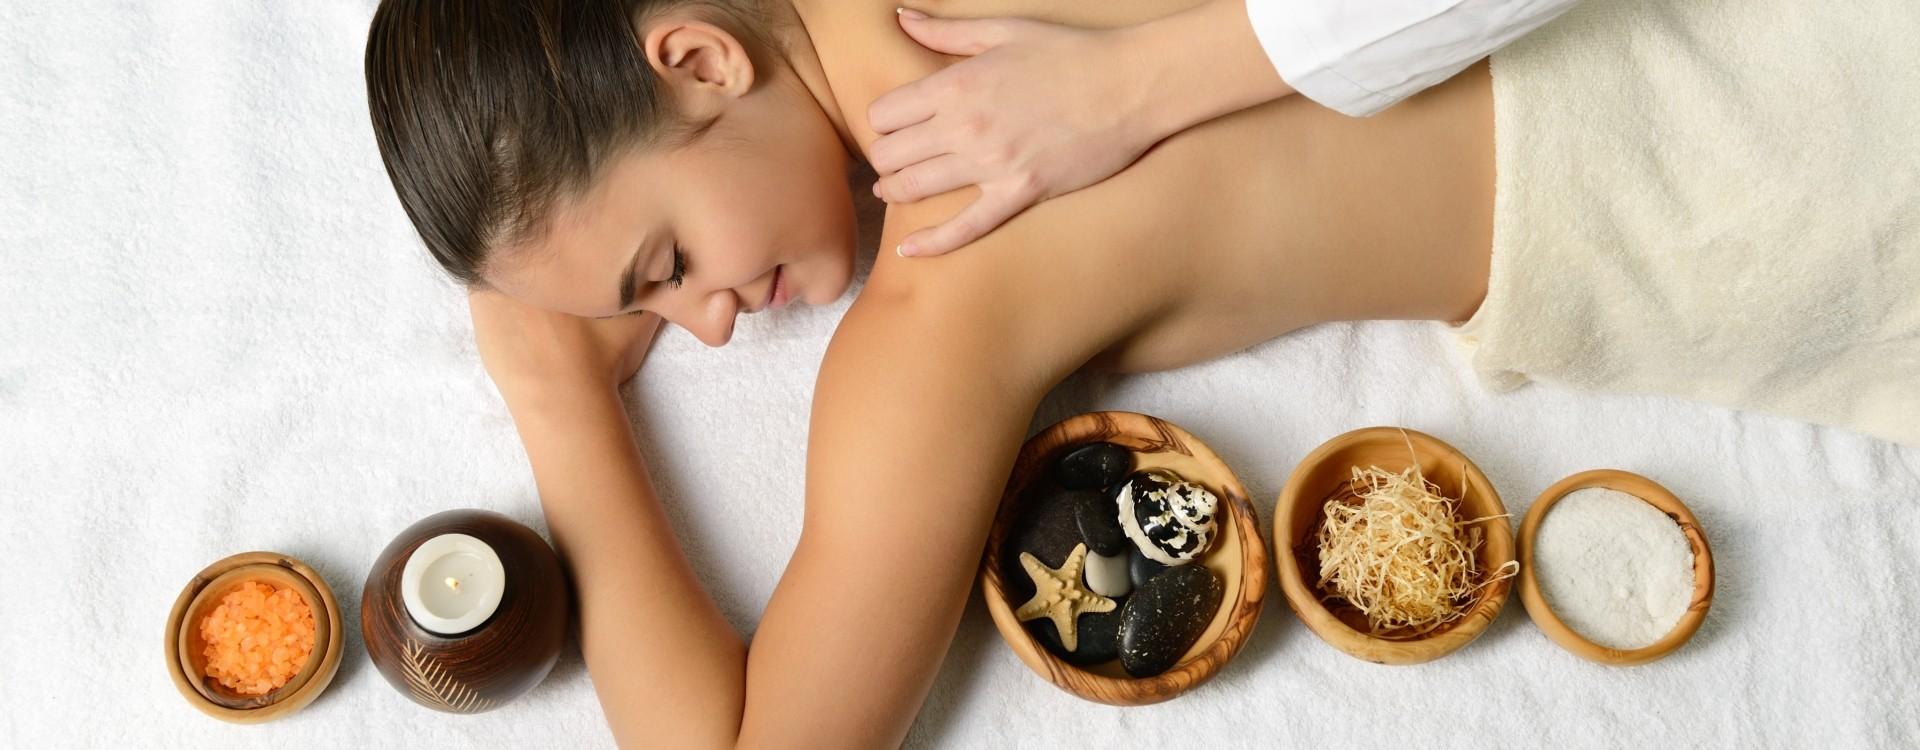 Ajurvedinis relaksacinis viso kūno masažas